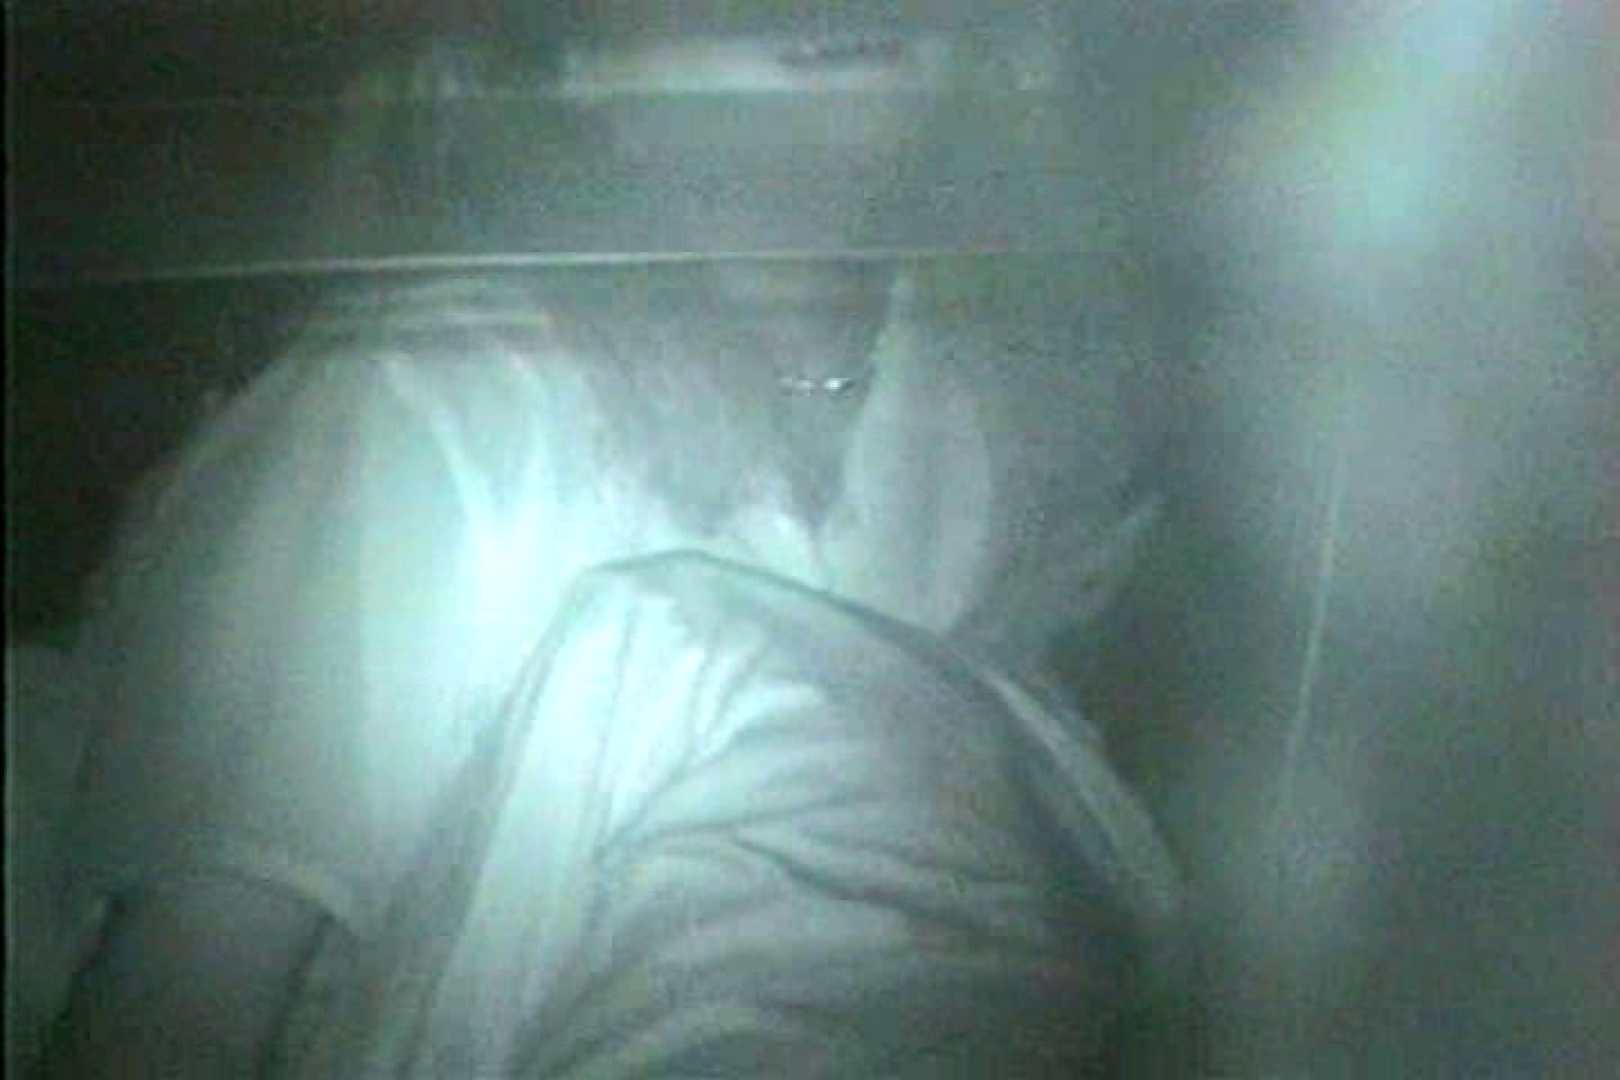 車の中はラブホテル 無修正版  Vol.6 エッチなセックス おまんこ無修正動画無料 89画像 19